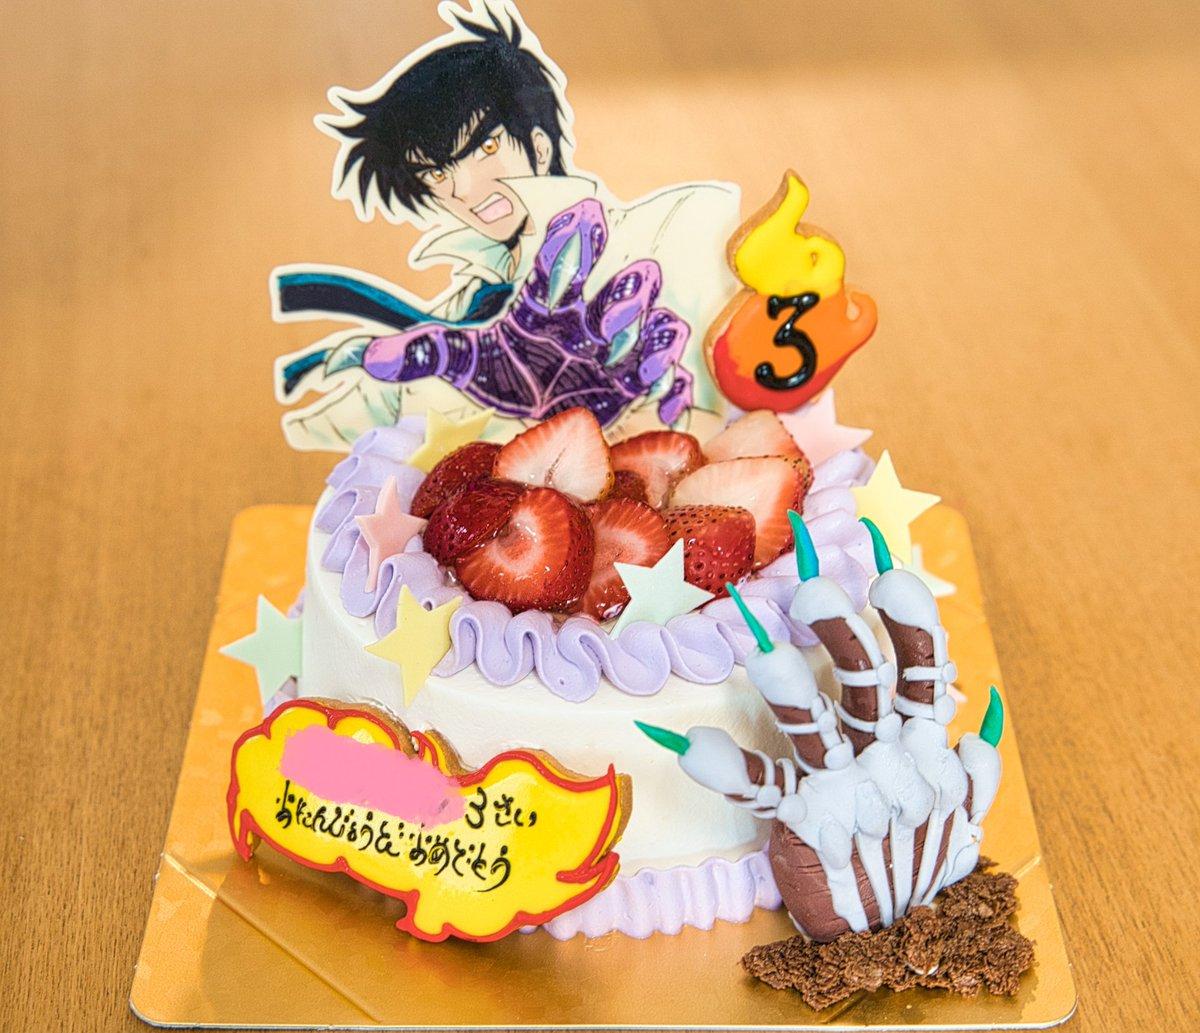 令和なのに珍しい!?地獄先生ぬ~べ~にハマる娘のために用意したケーキに注目!